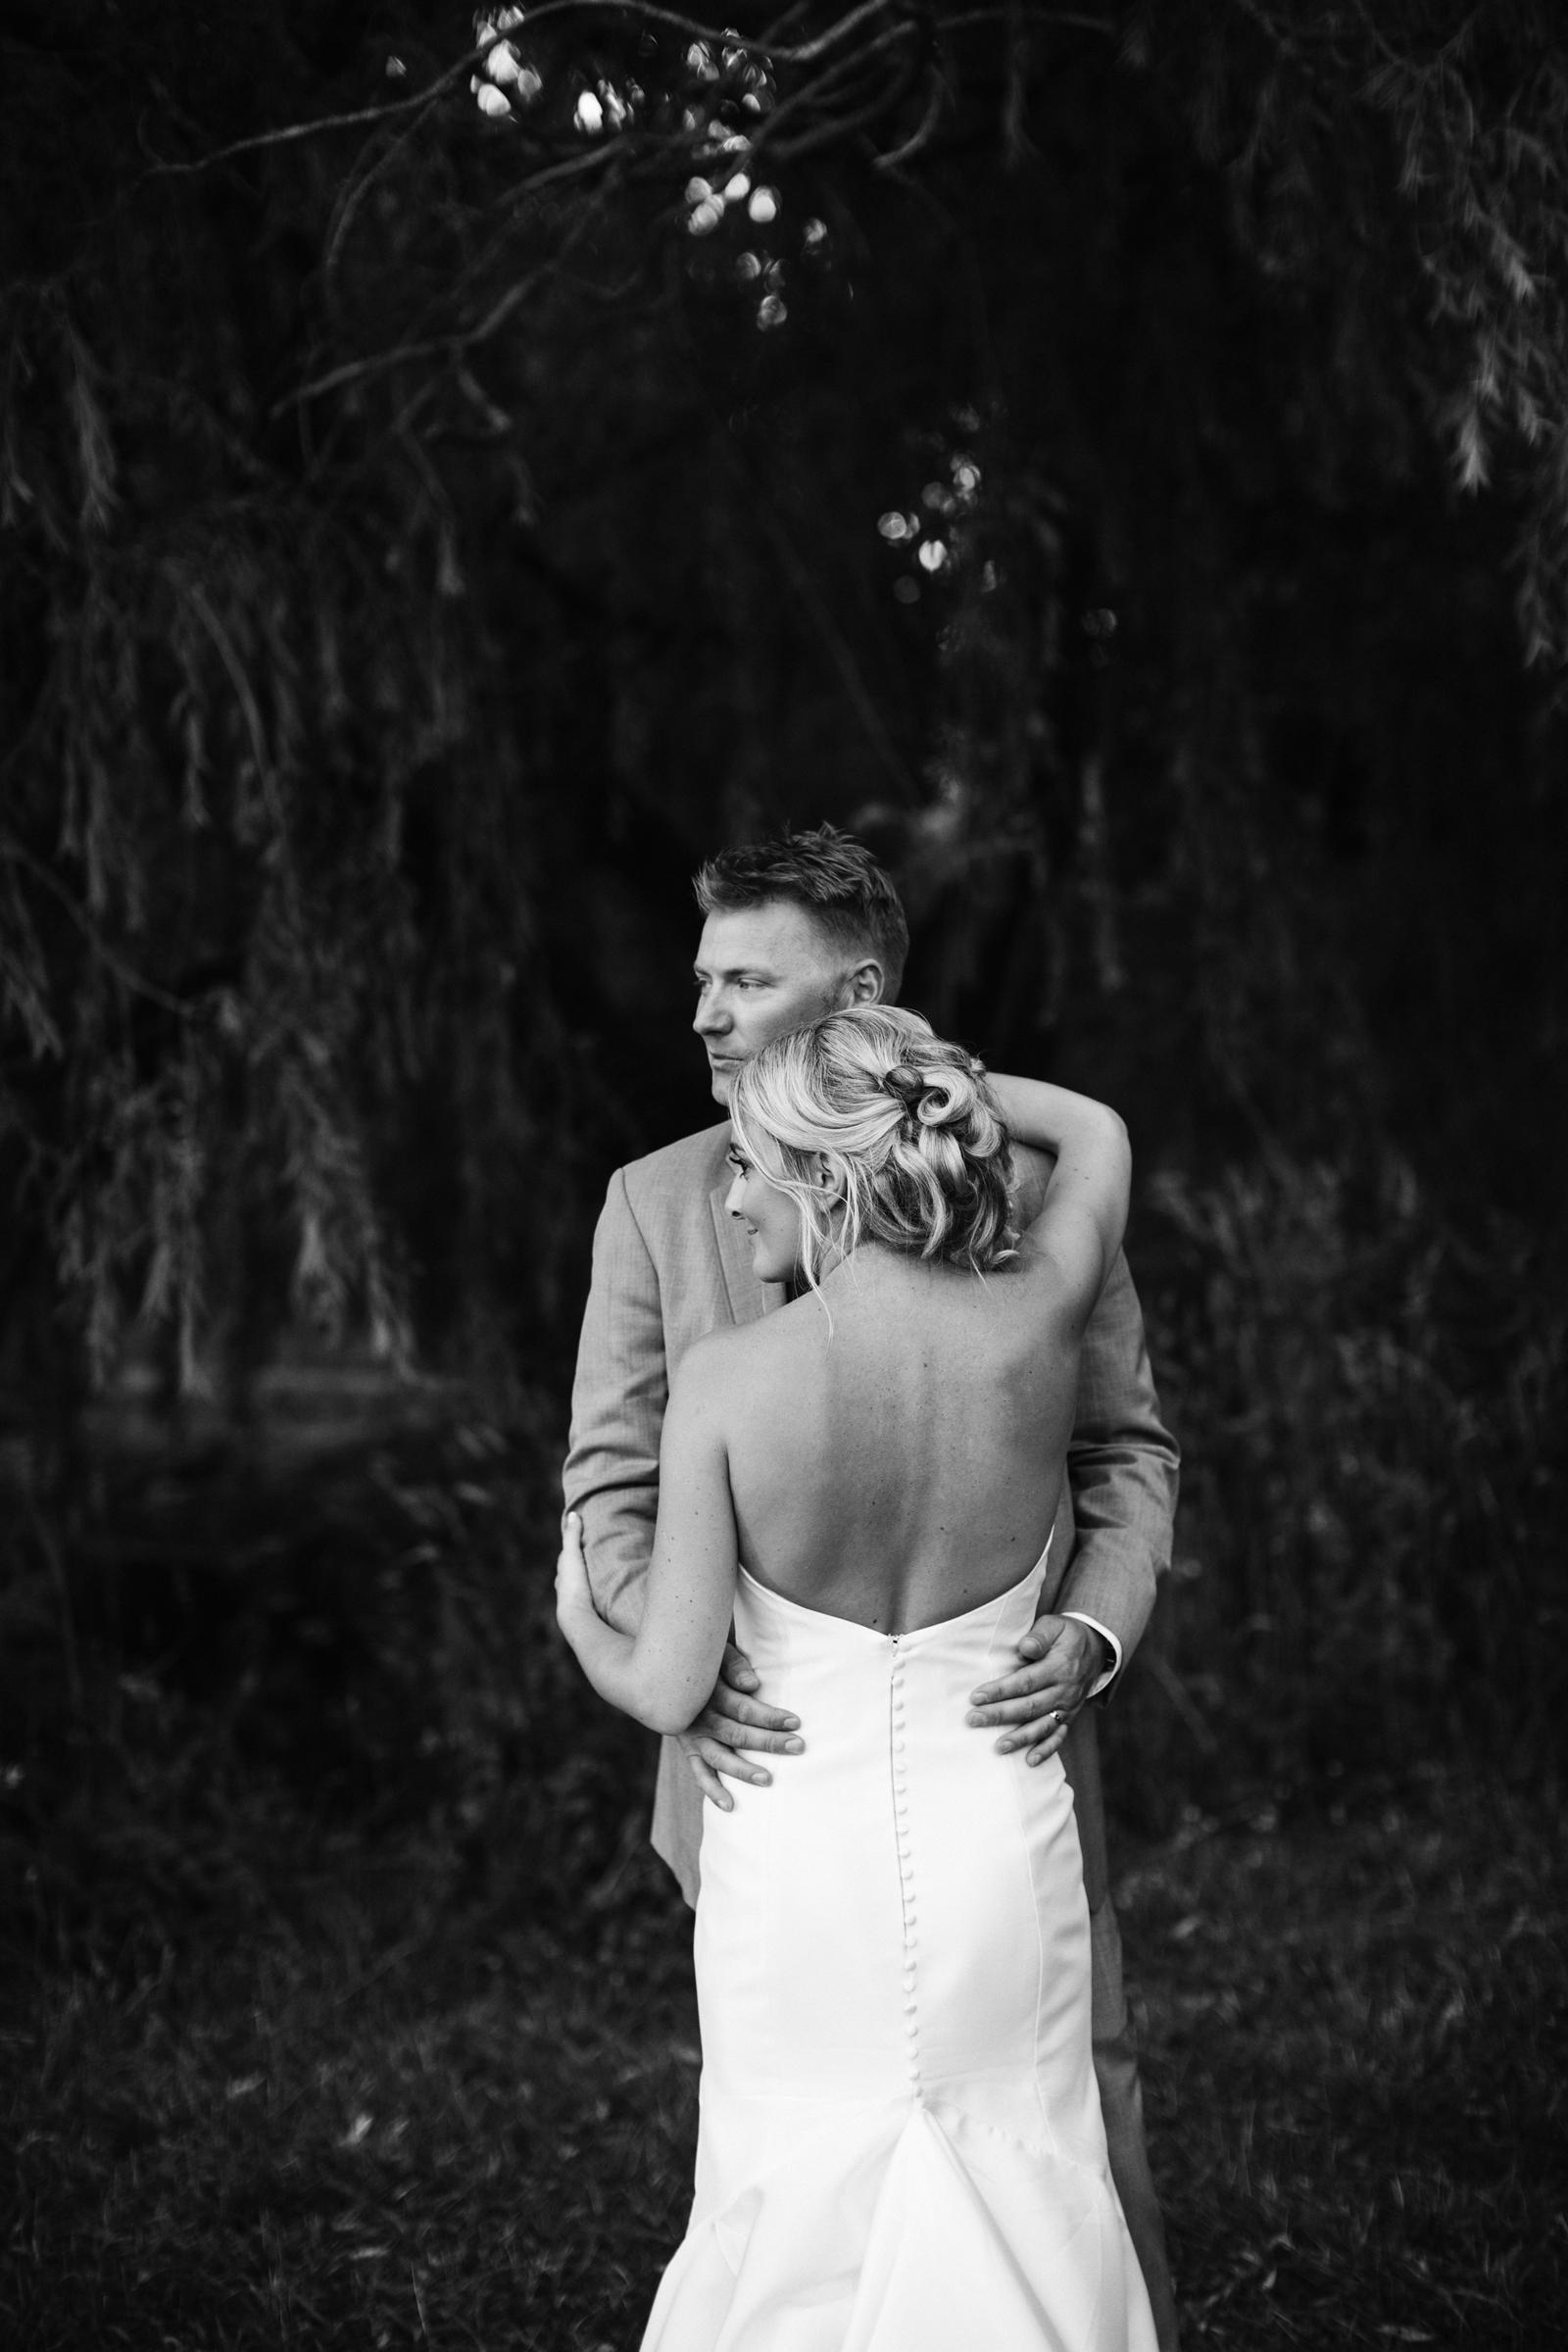 177-daronjackson-gabby-alec-wedding.jpg